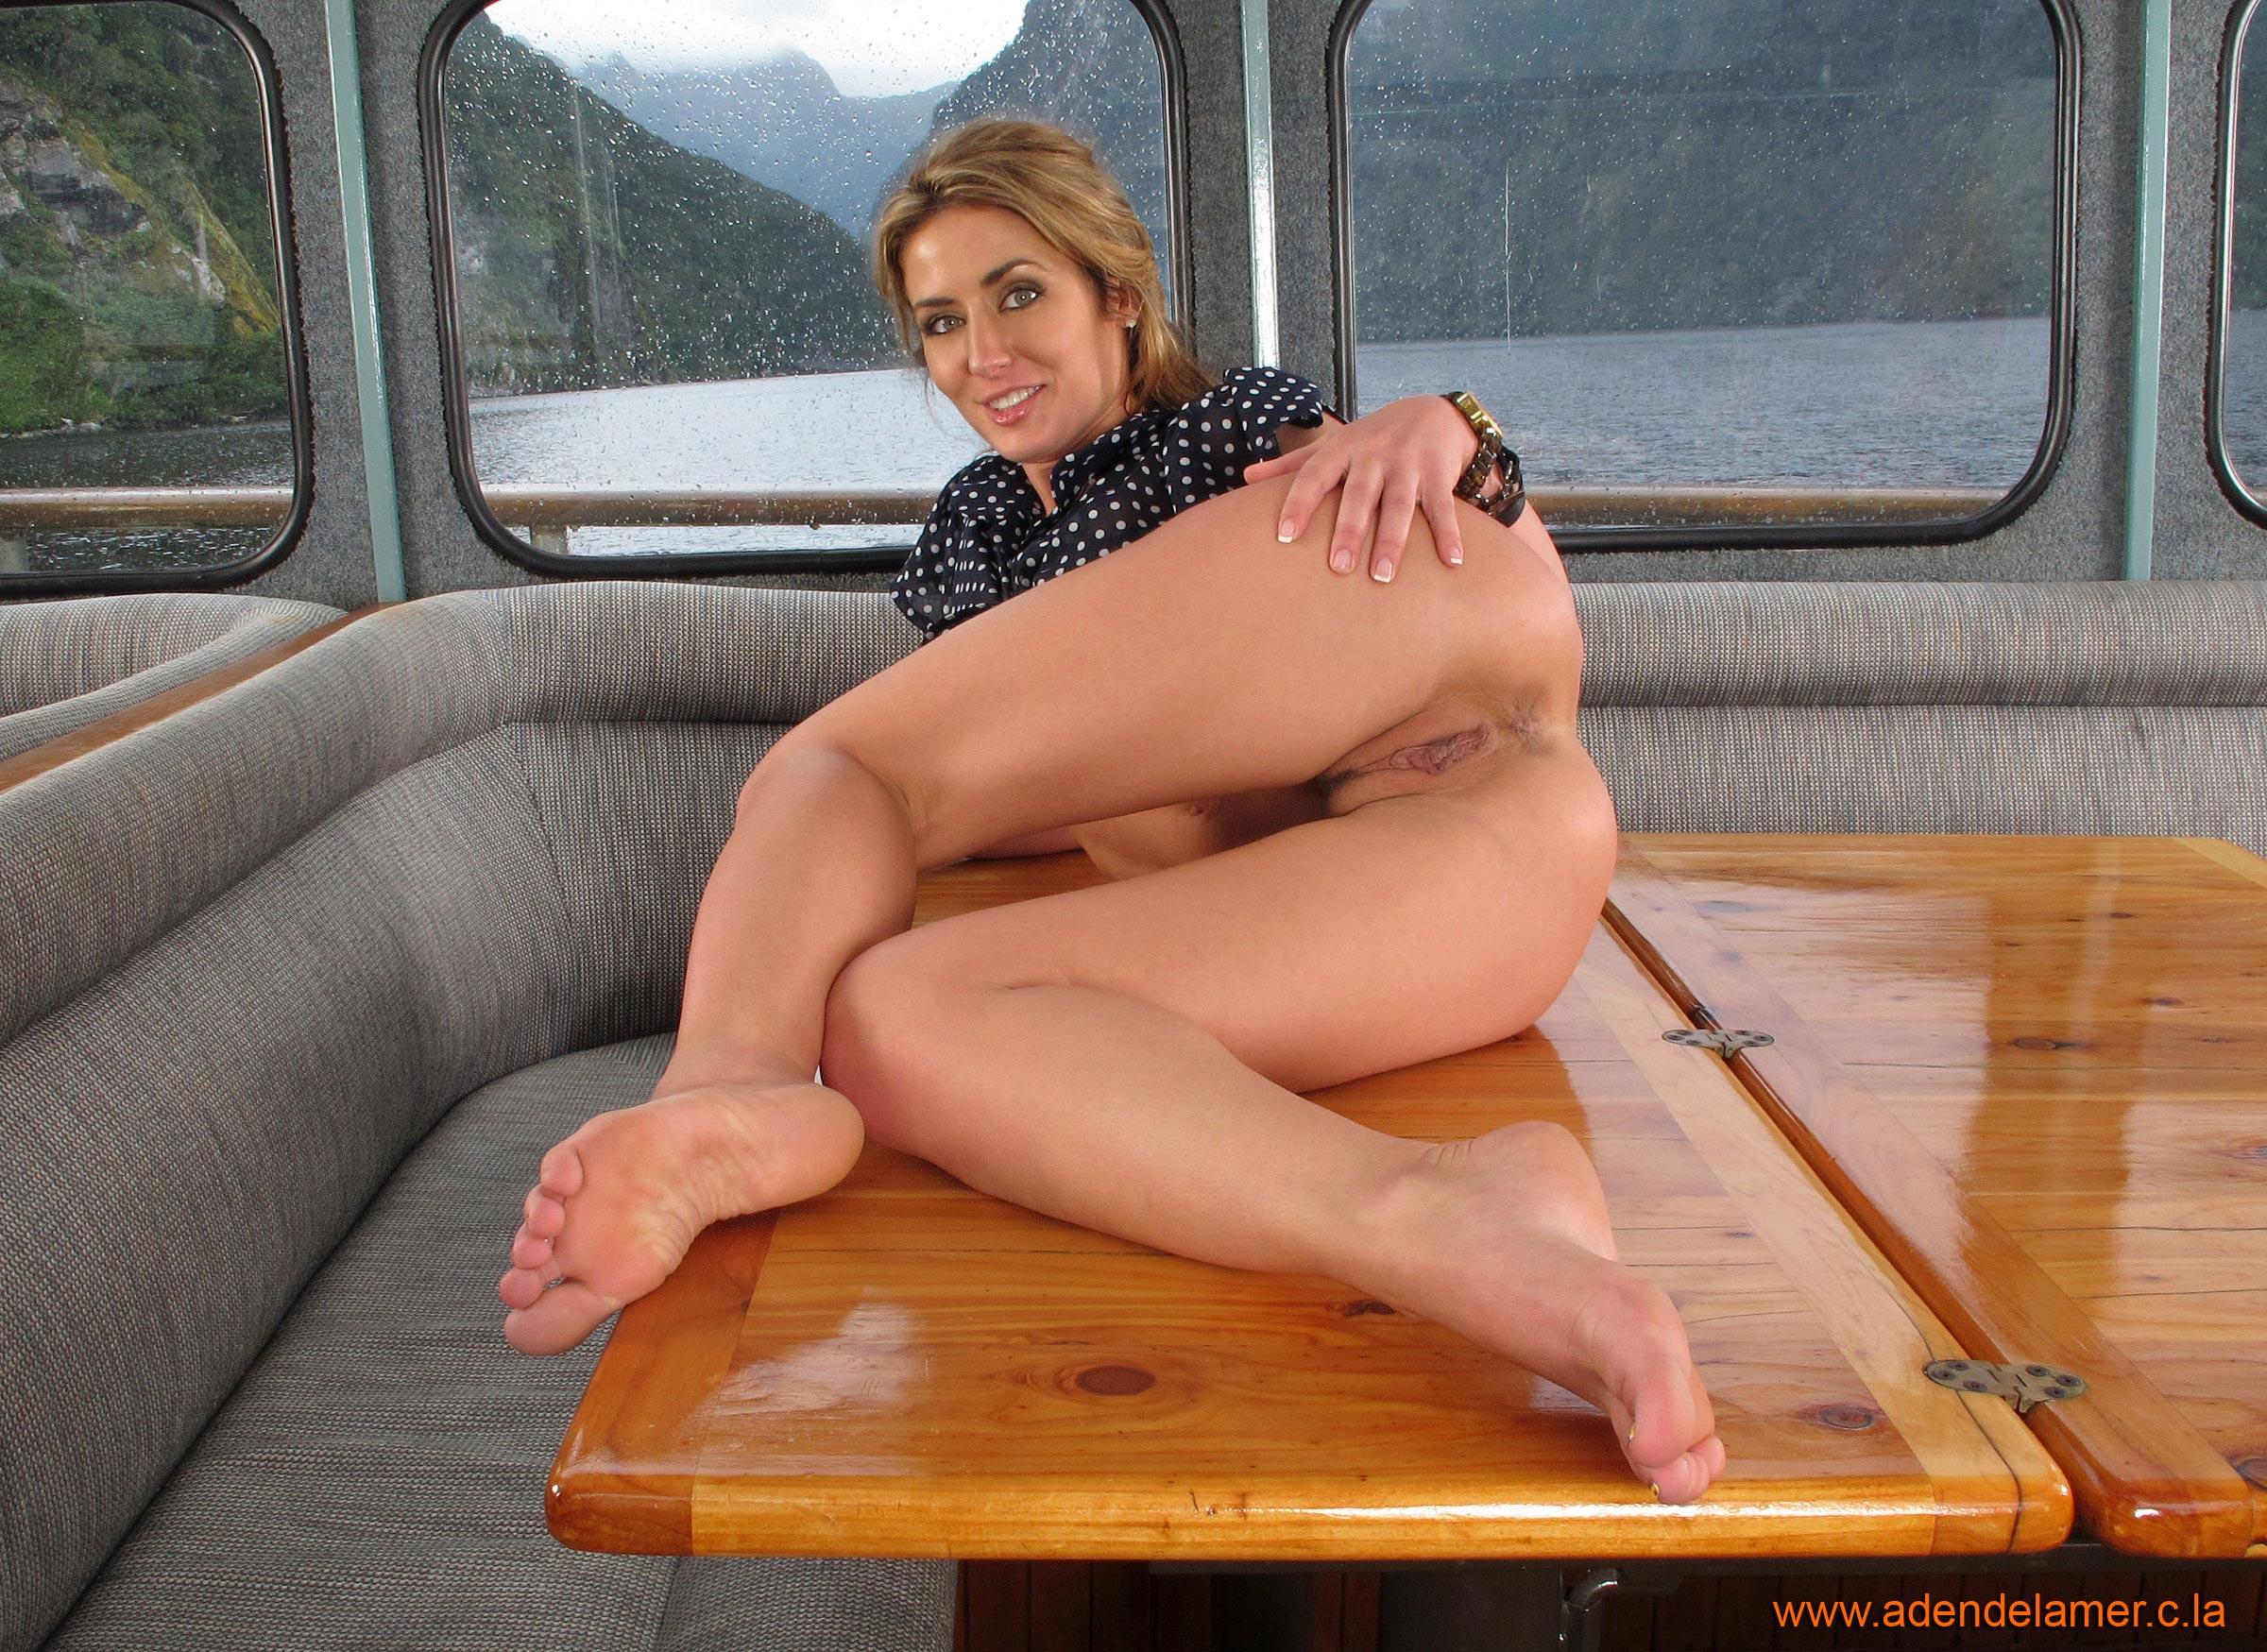 Секс на шинах, Шина Шоу - бесплатное порно онлайн, смотреть видео 2 фотография